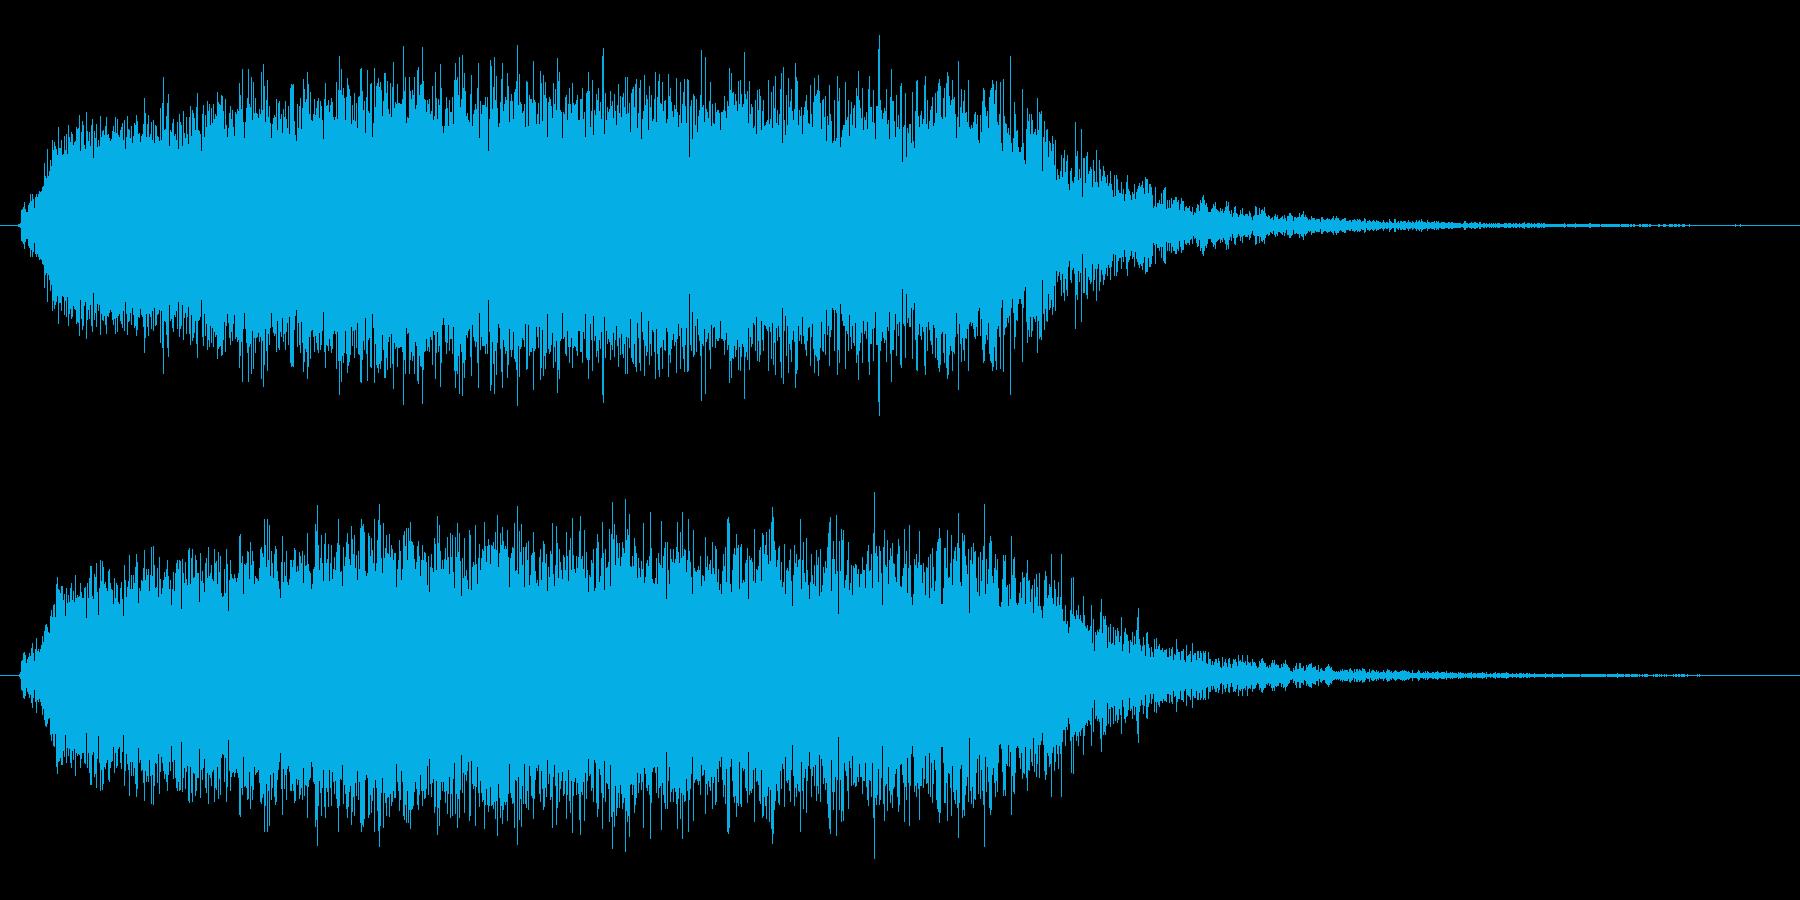 モンスターの鳴き声(グギャー1)の再生済みの波形